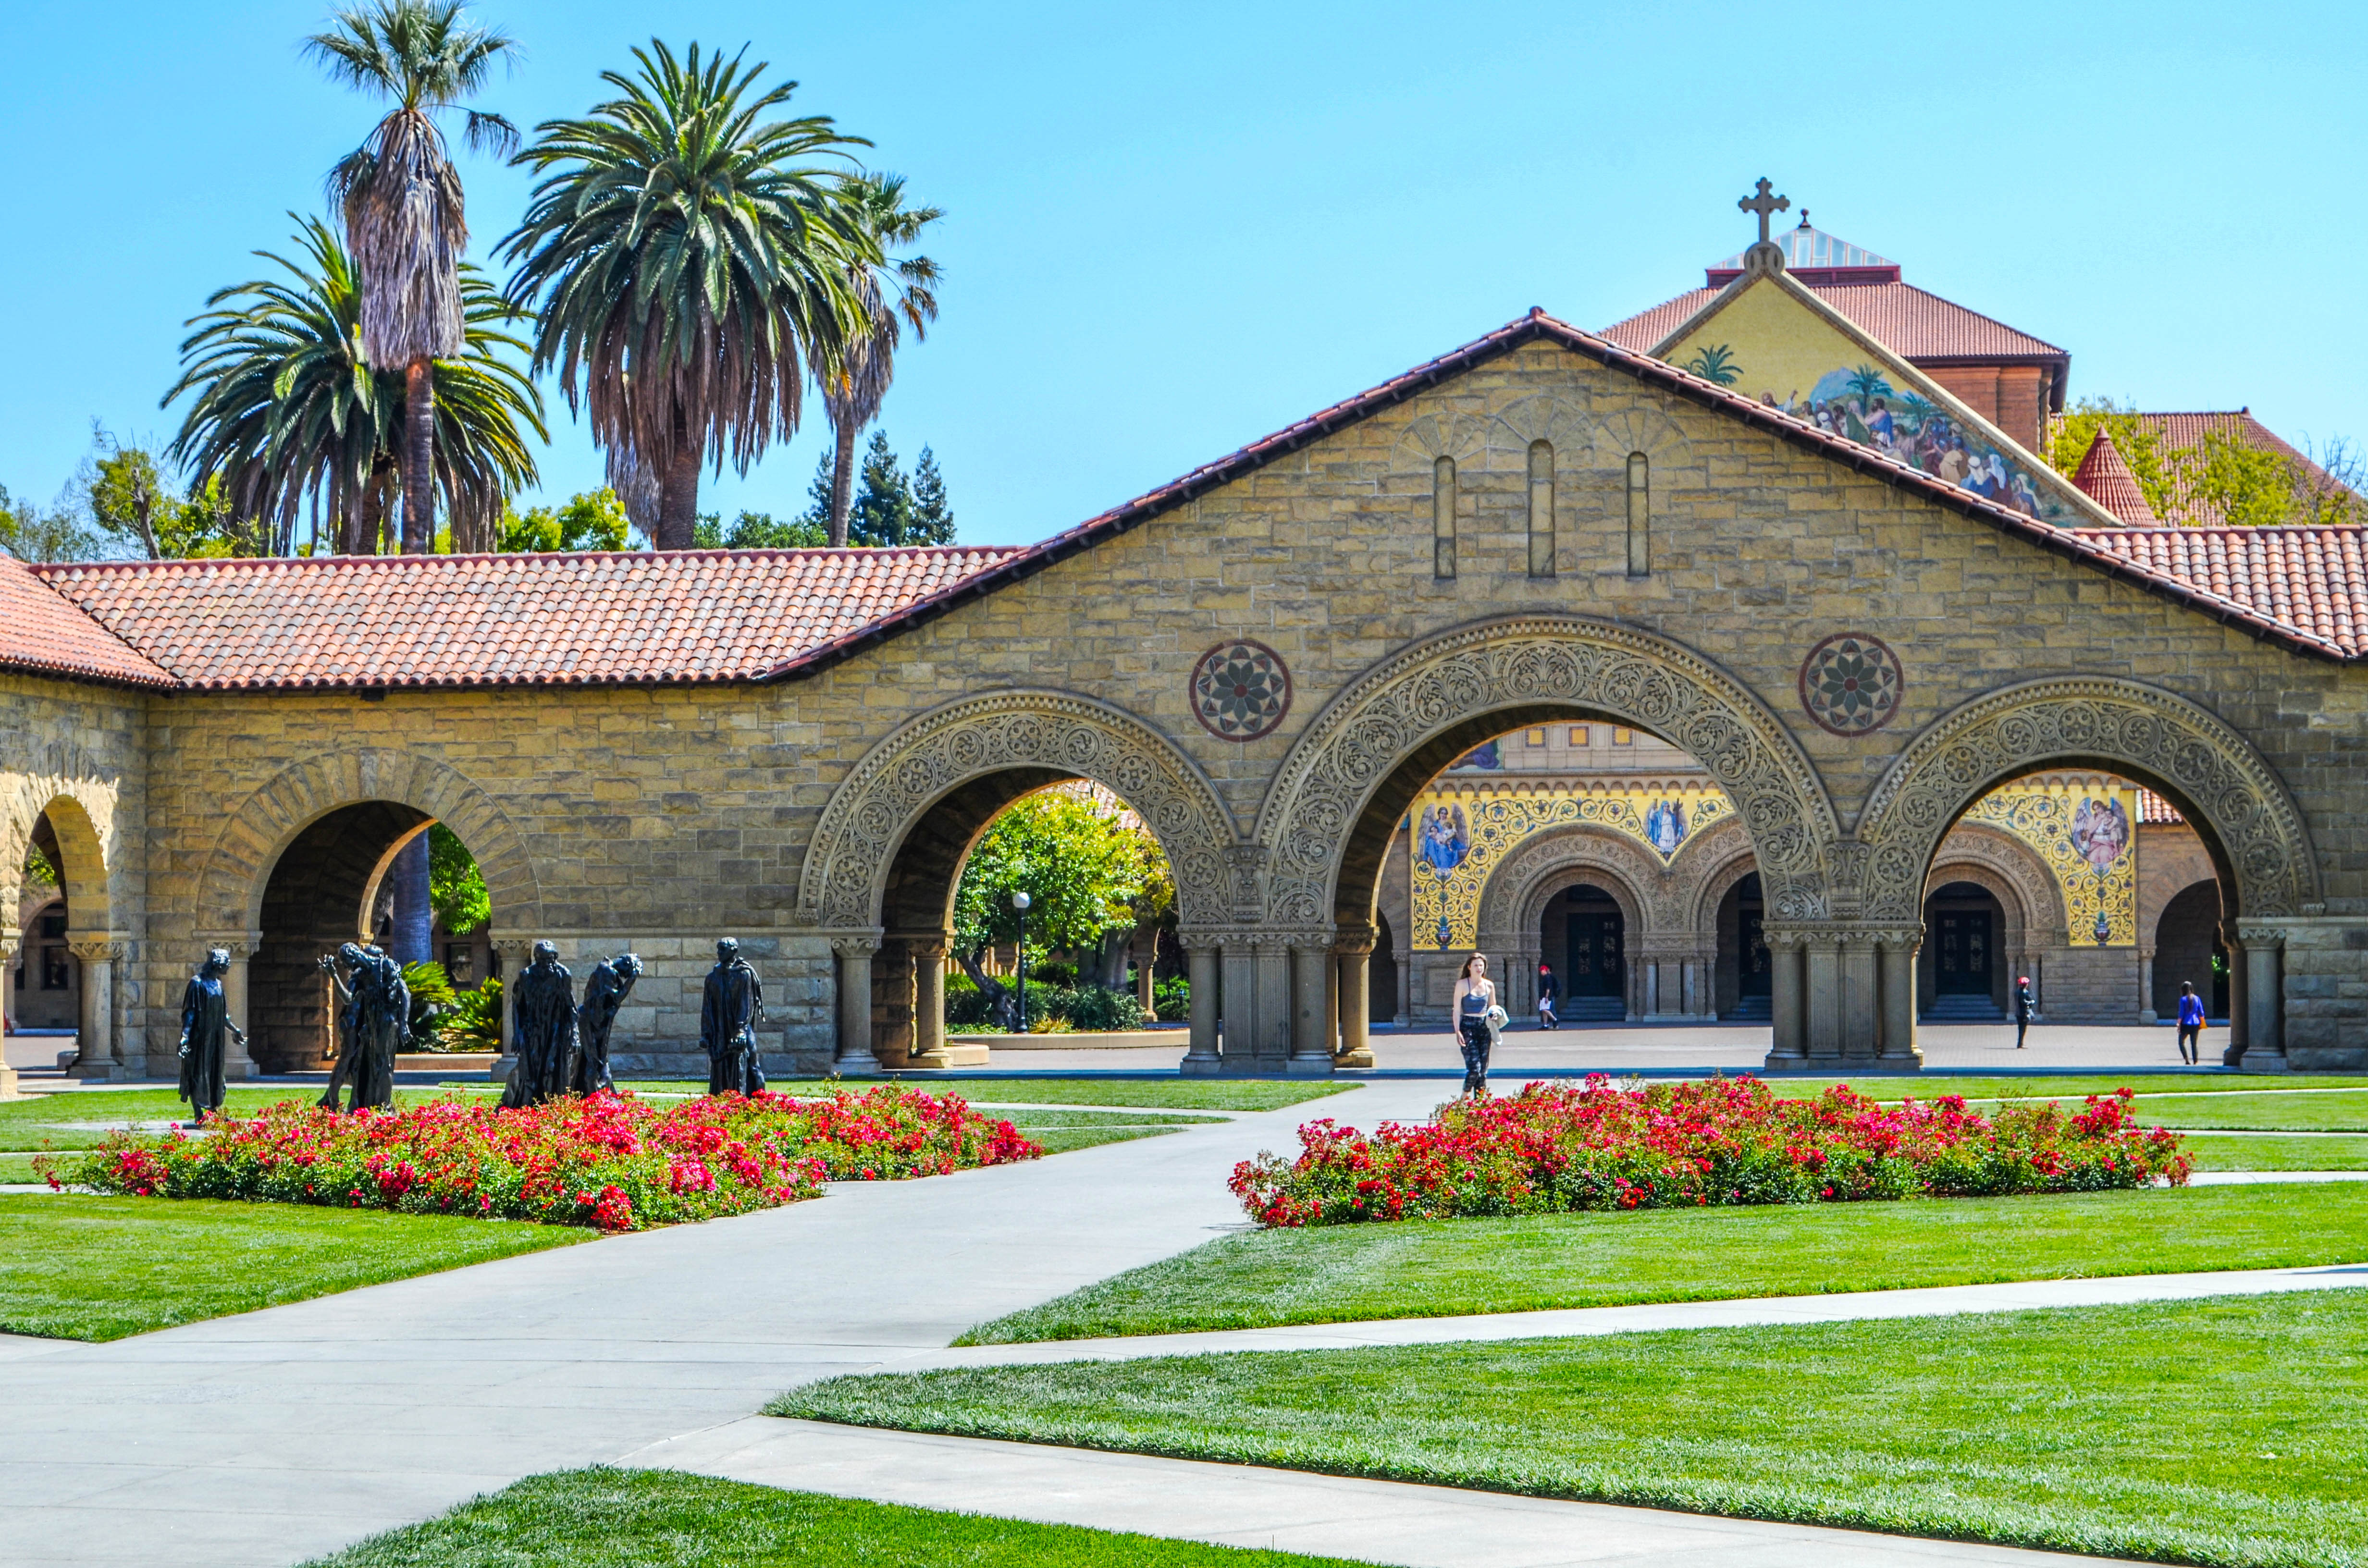 Stanford-é-uma-das-universidades-mais-bonitas-do-mundo